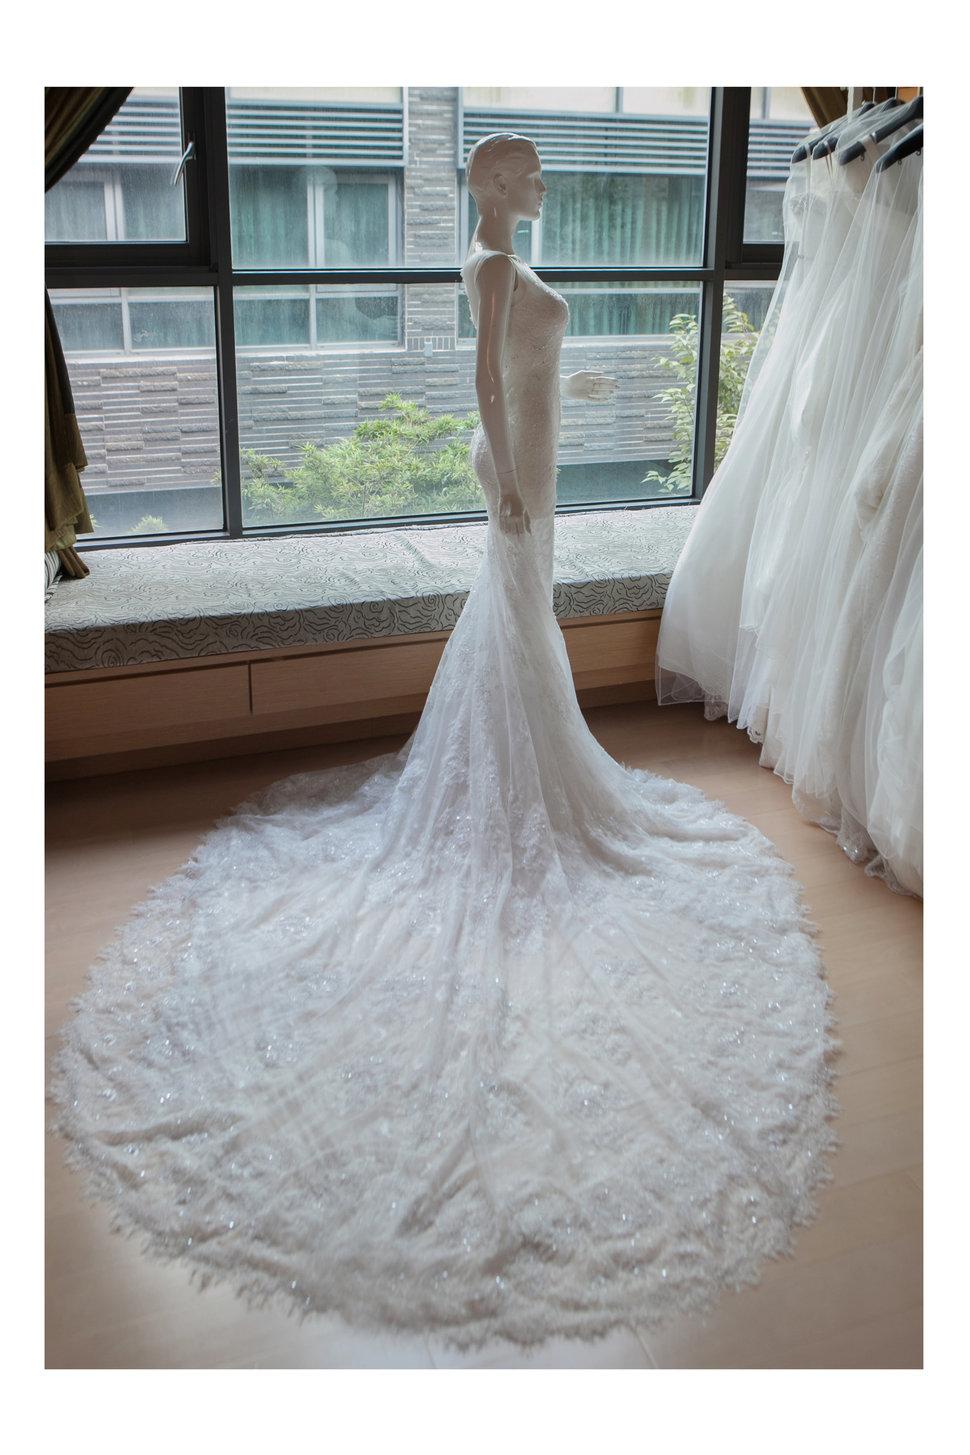 t-43 - 台中2號出口婚紗攝影工作室 - 結婚吧